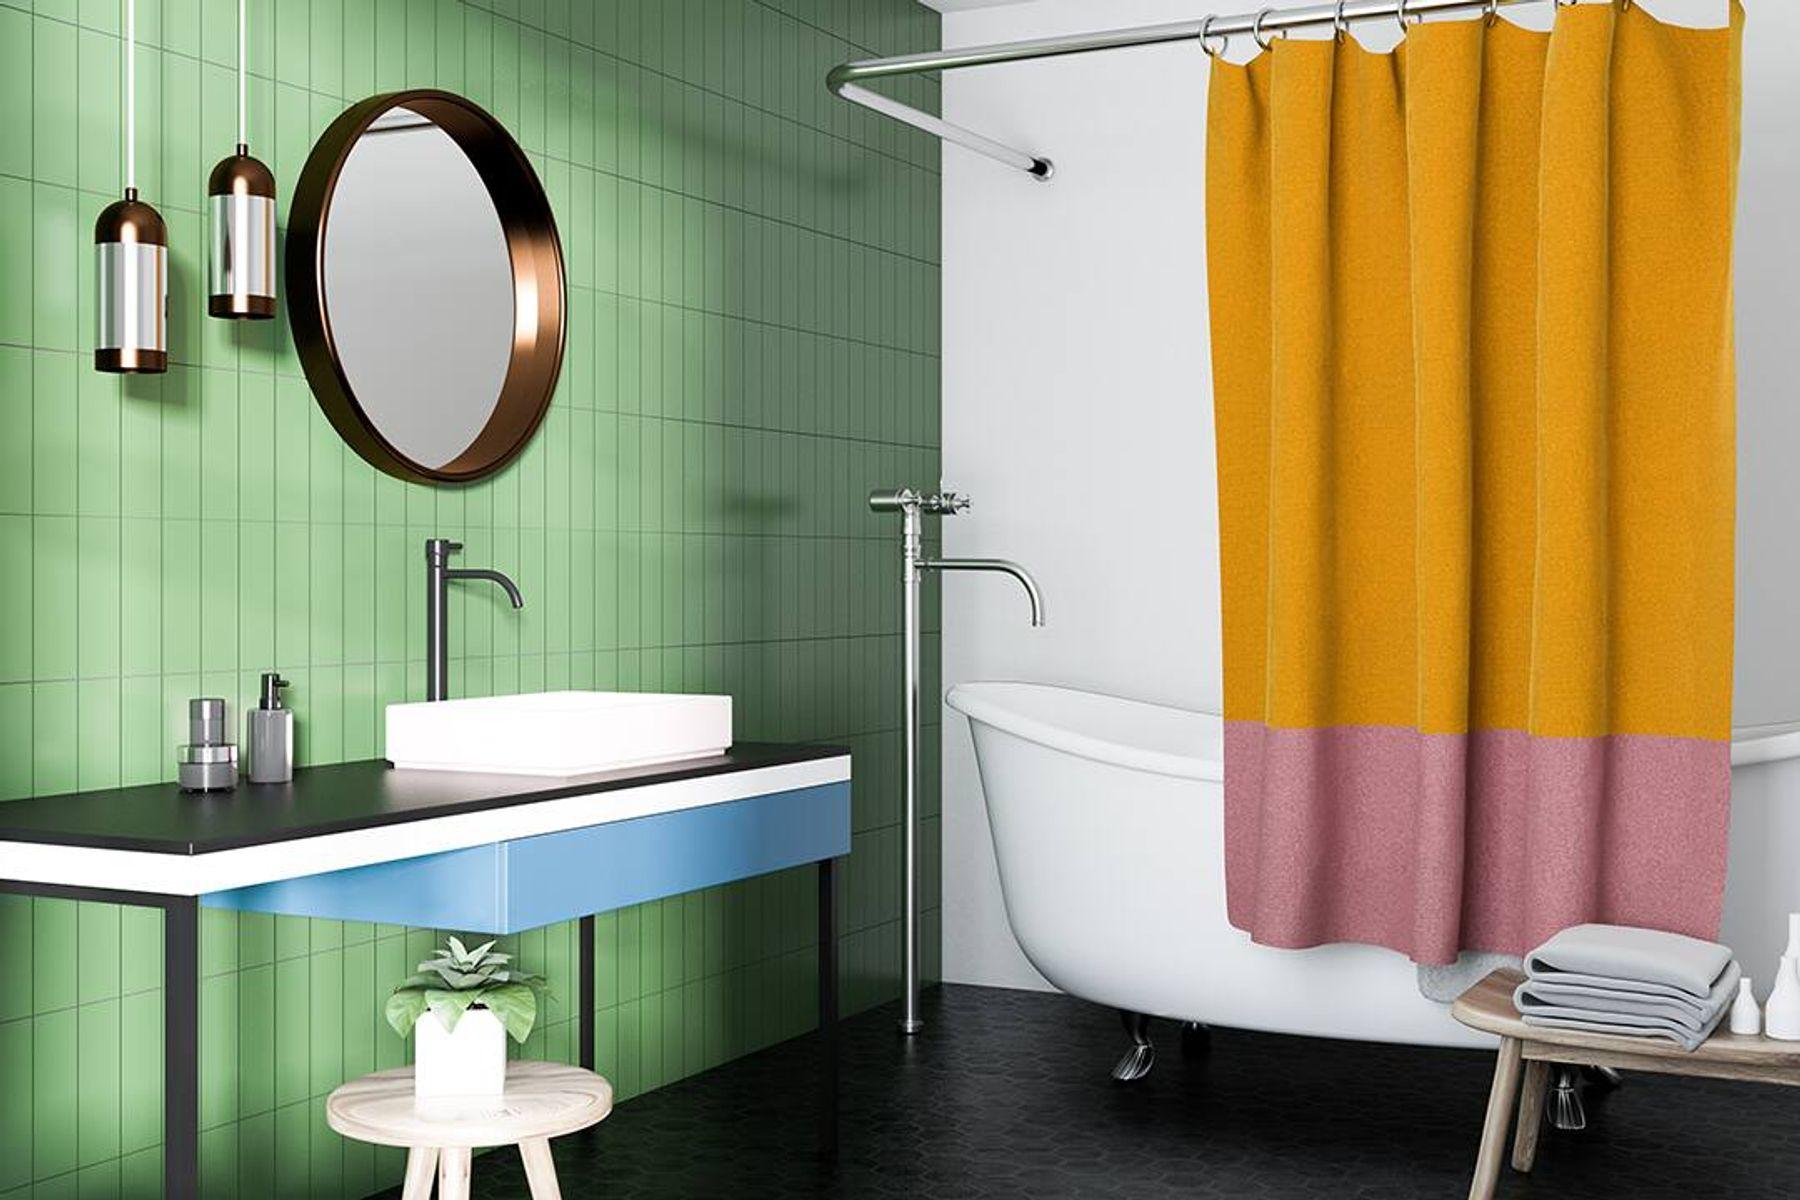 Banheiro retrô com pia, espelho redondo, banheira e cortina